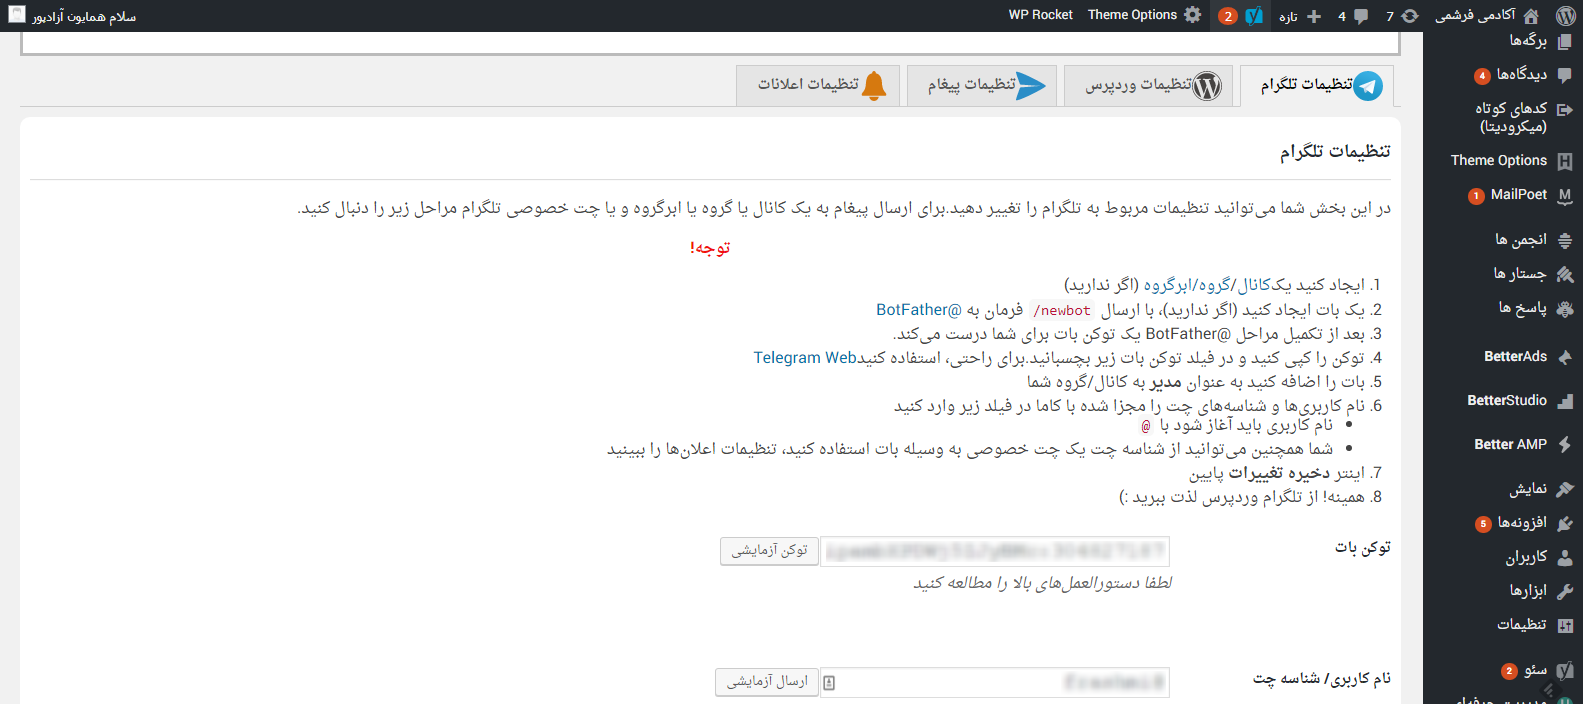 بهترین روش ارسال خودکار مطالب از وردپرس به تلگرام 1